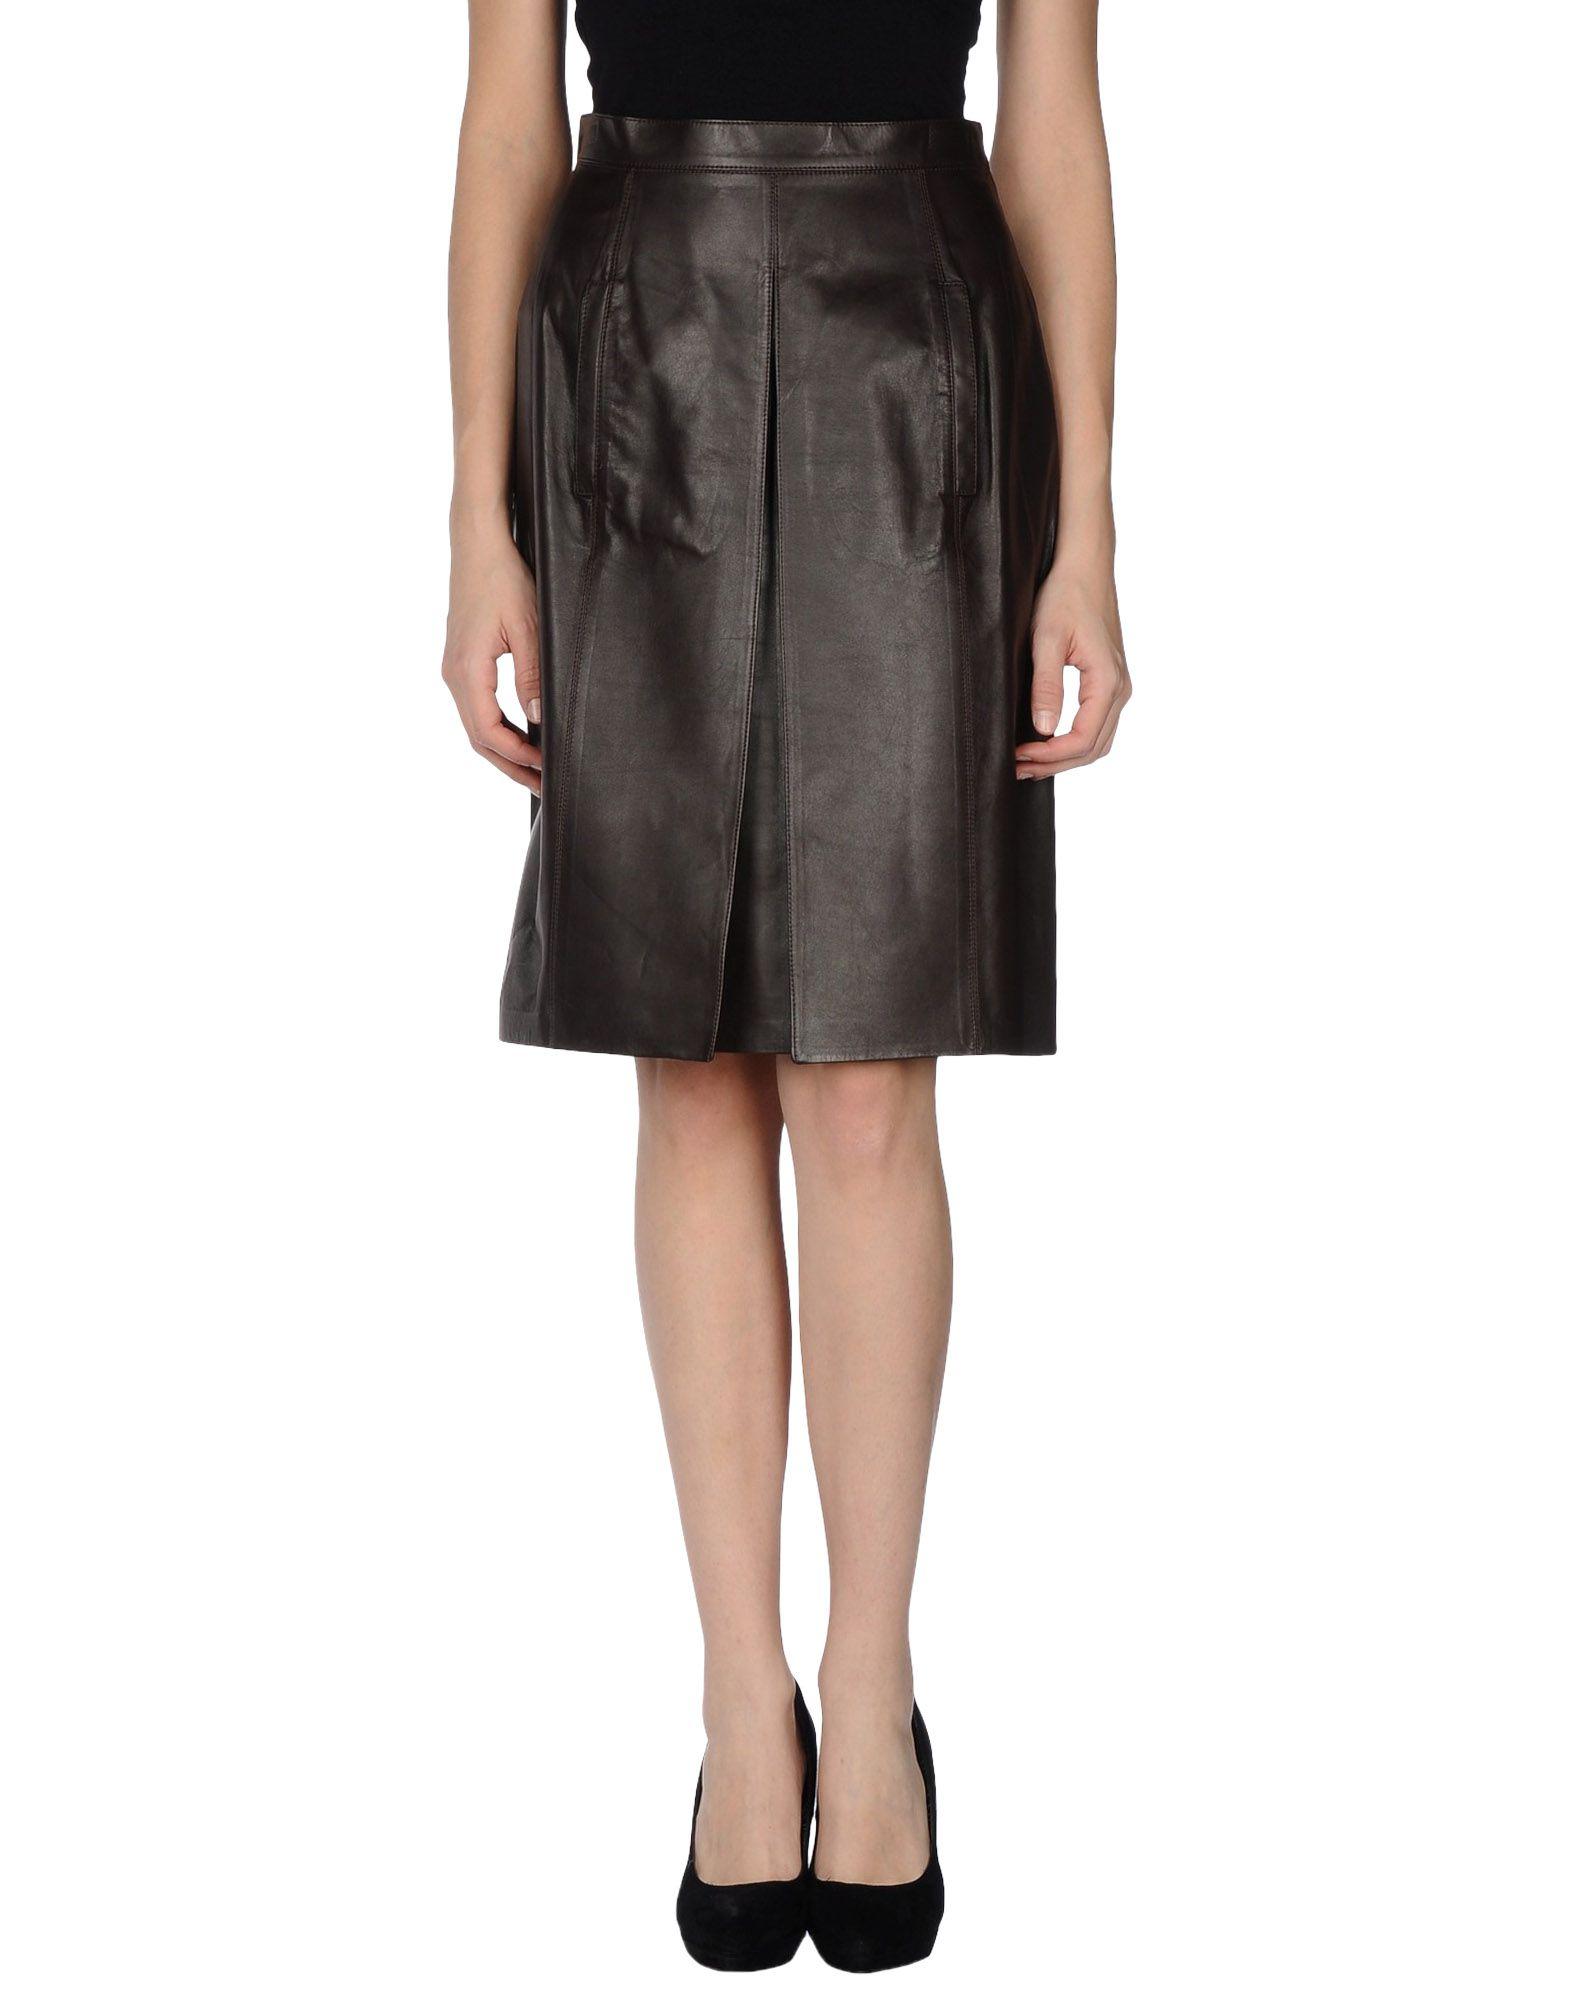 LAGERFELD Damen Lederrock Farbe Dunkelbraun Größe 6